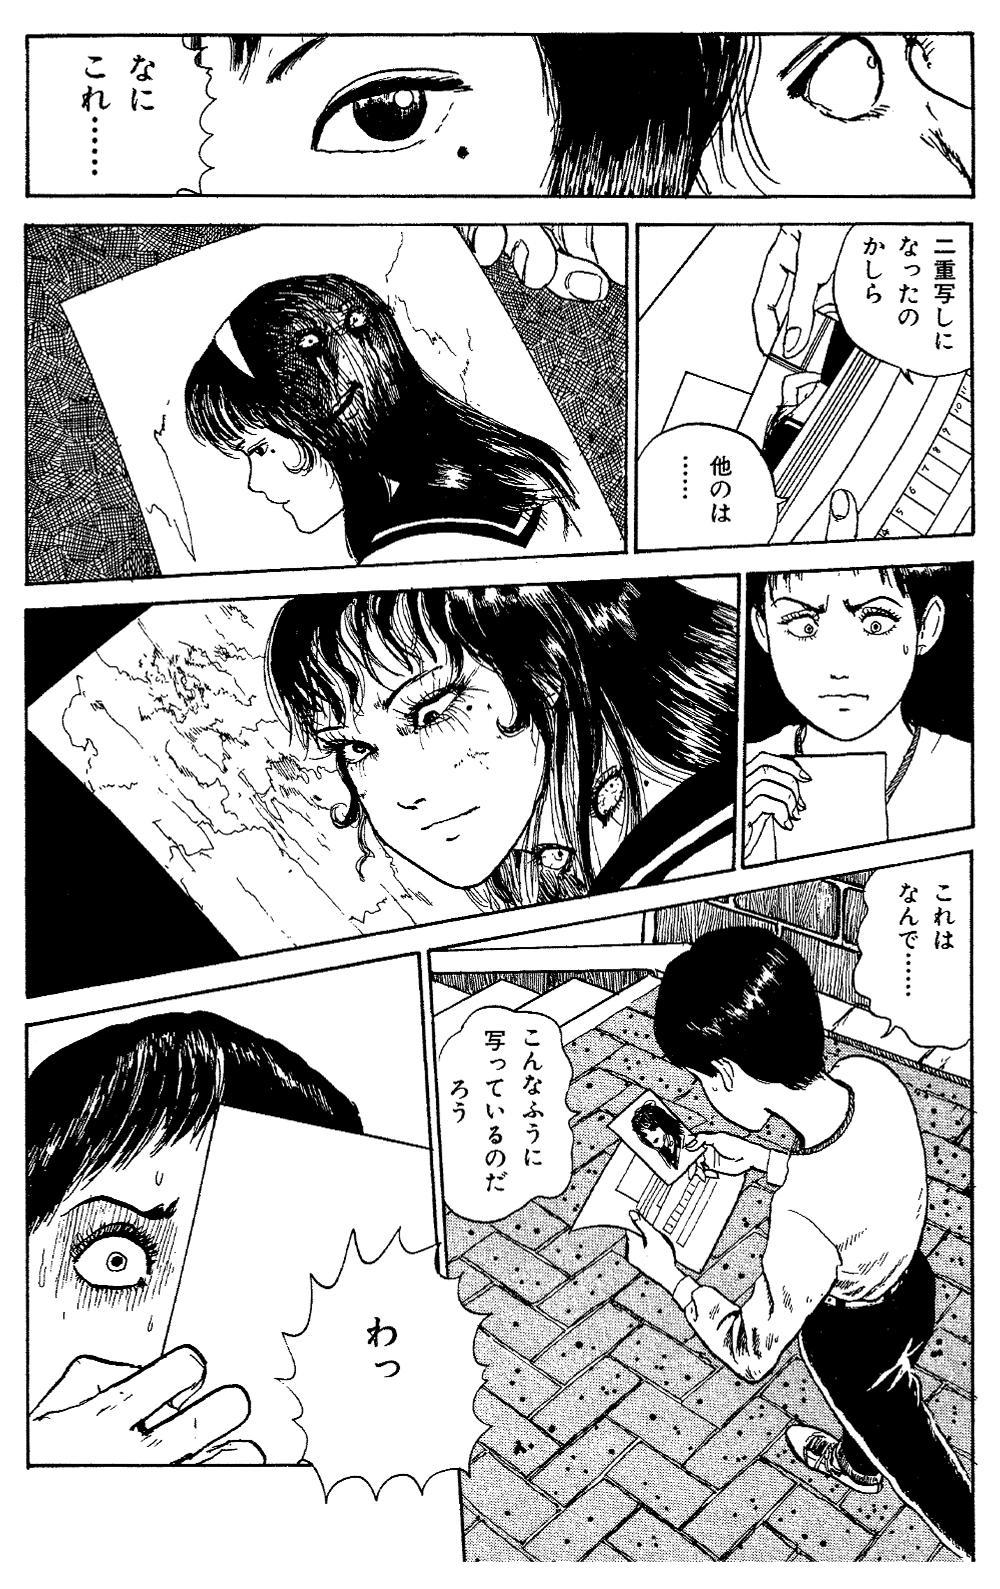 伊藤潤二傑作集 第4話「富江 写真」③junji12-02.jpg